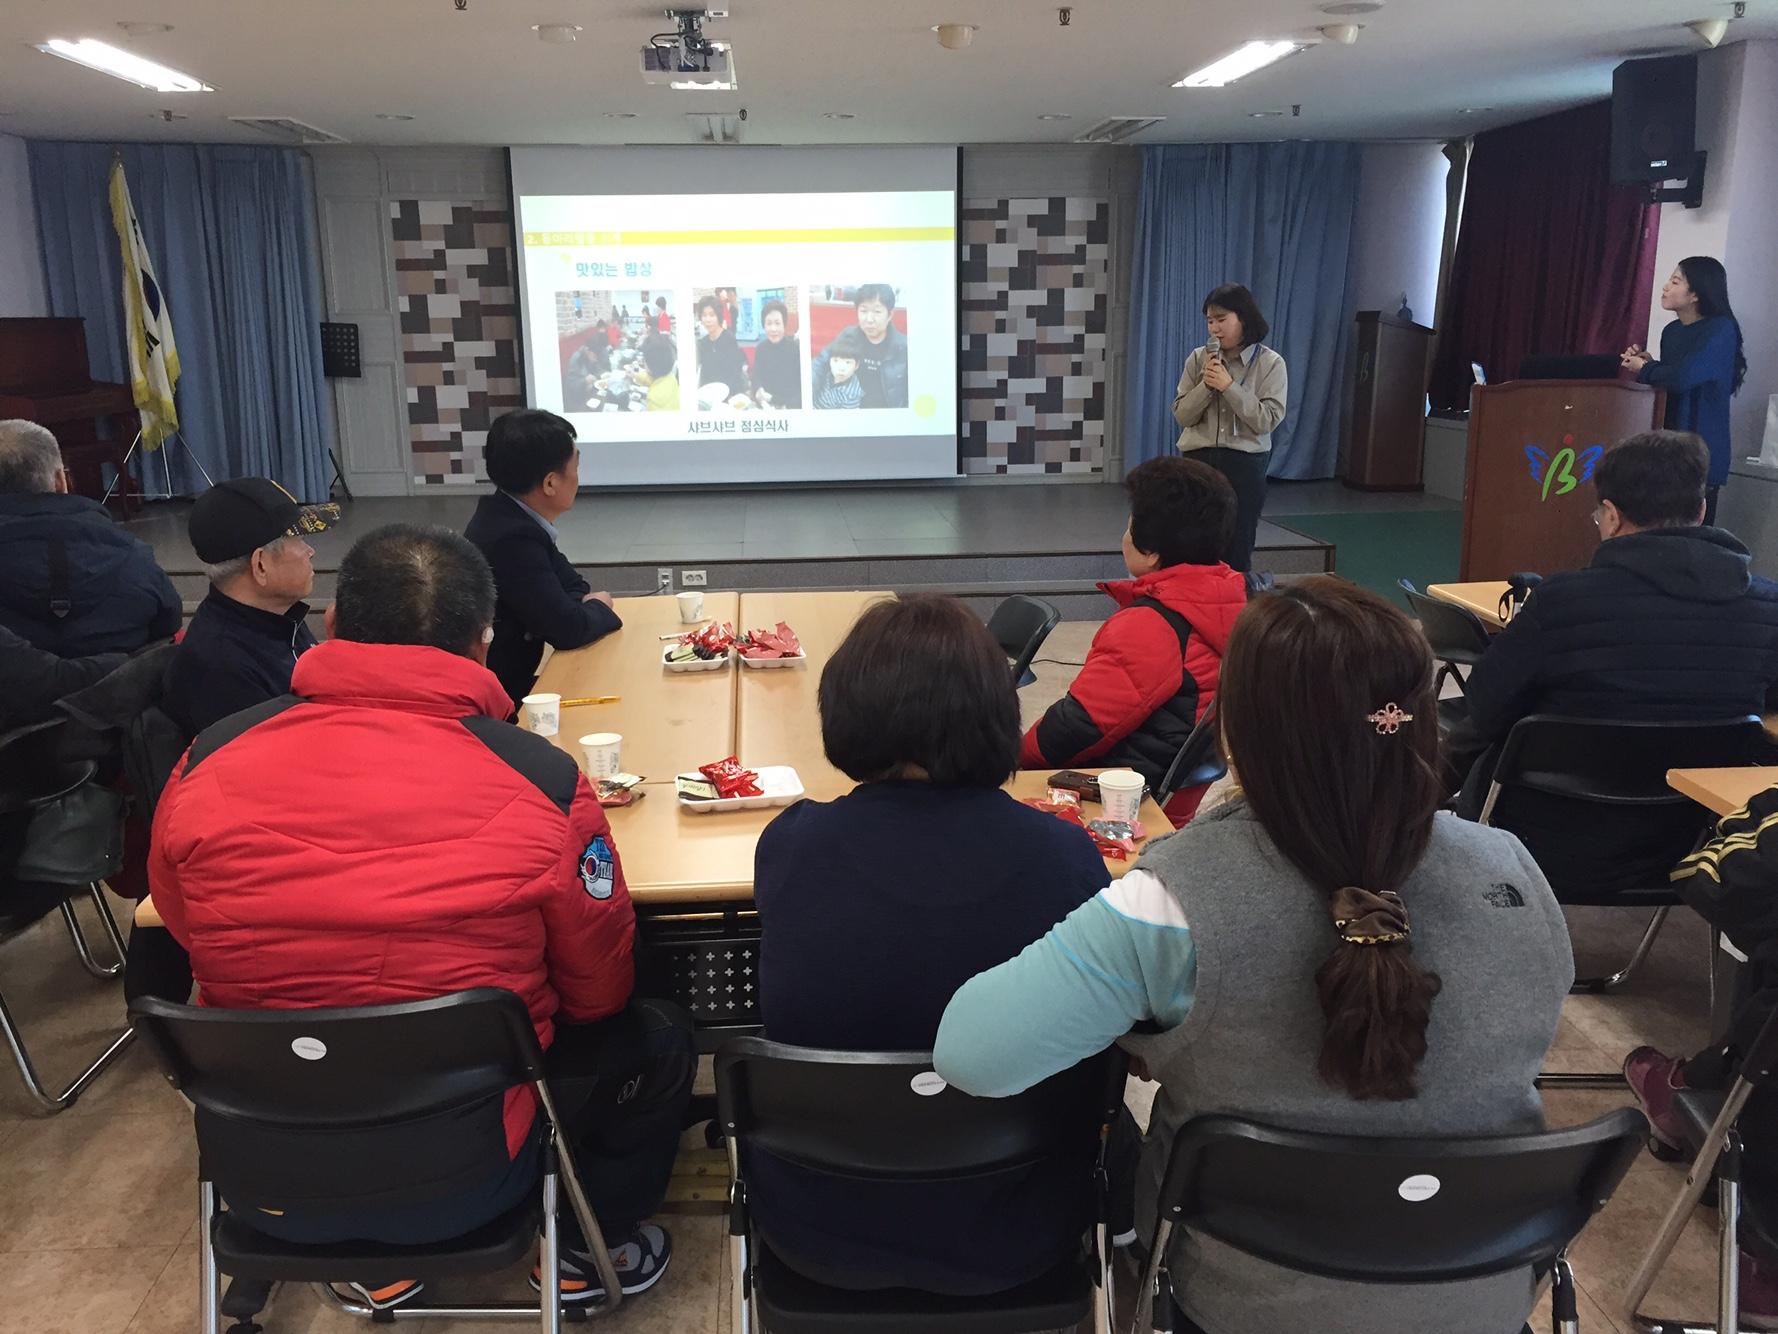 동아리평가회의 진행 사진